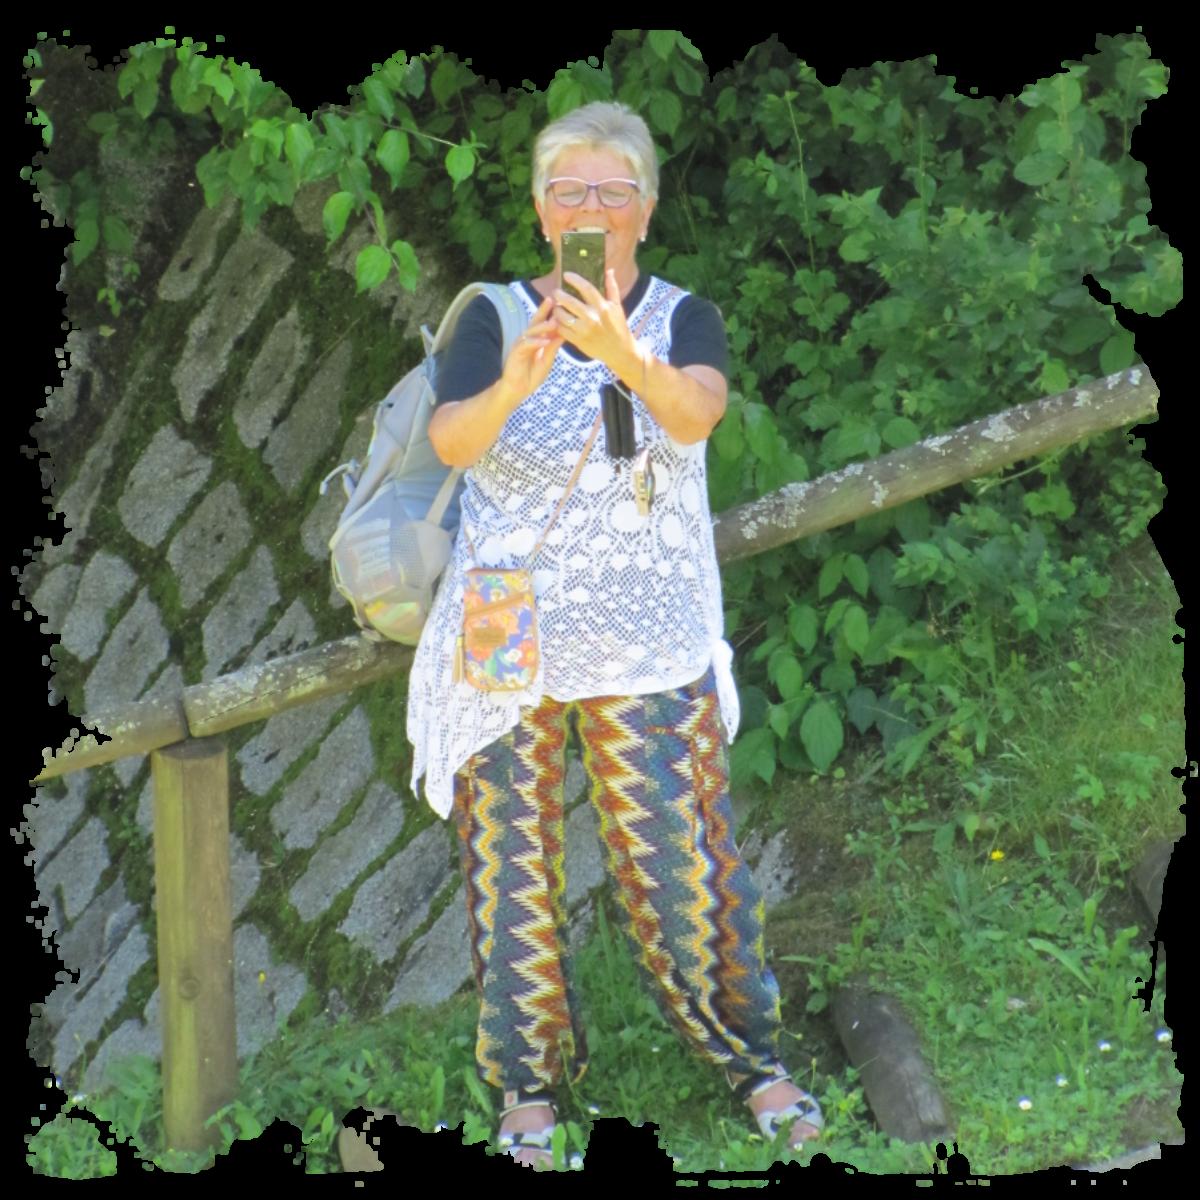 ~ Odenwaldimpressionen ~